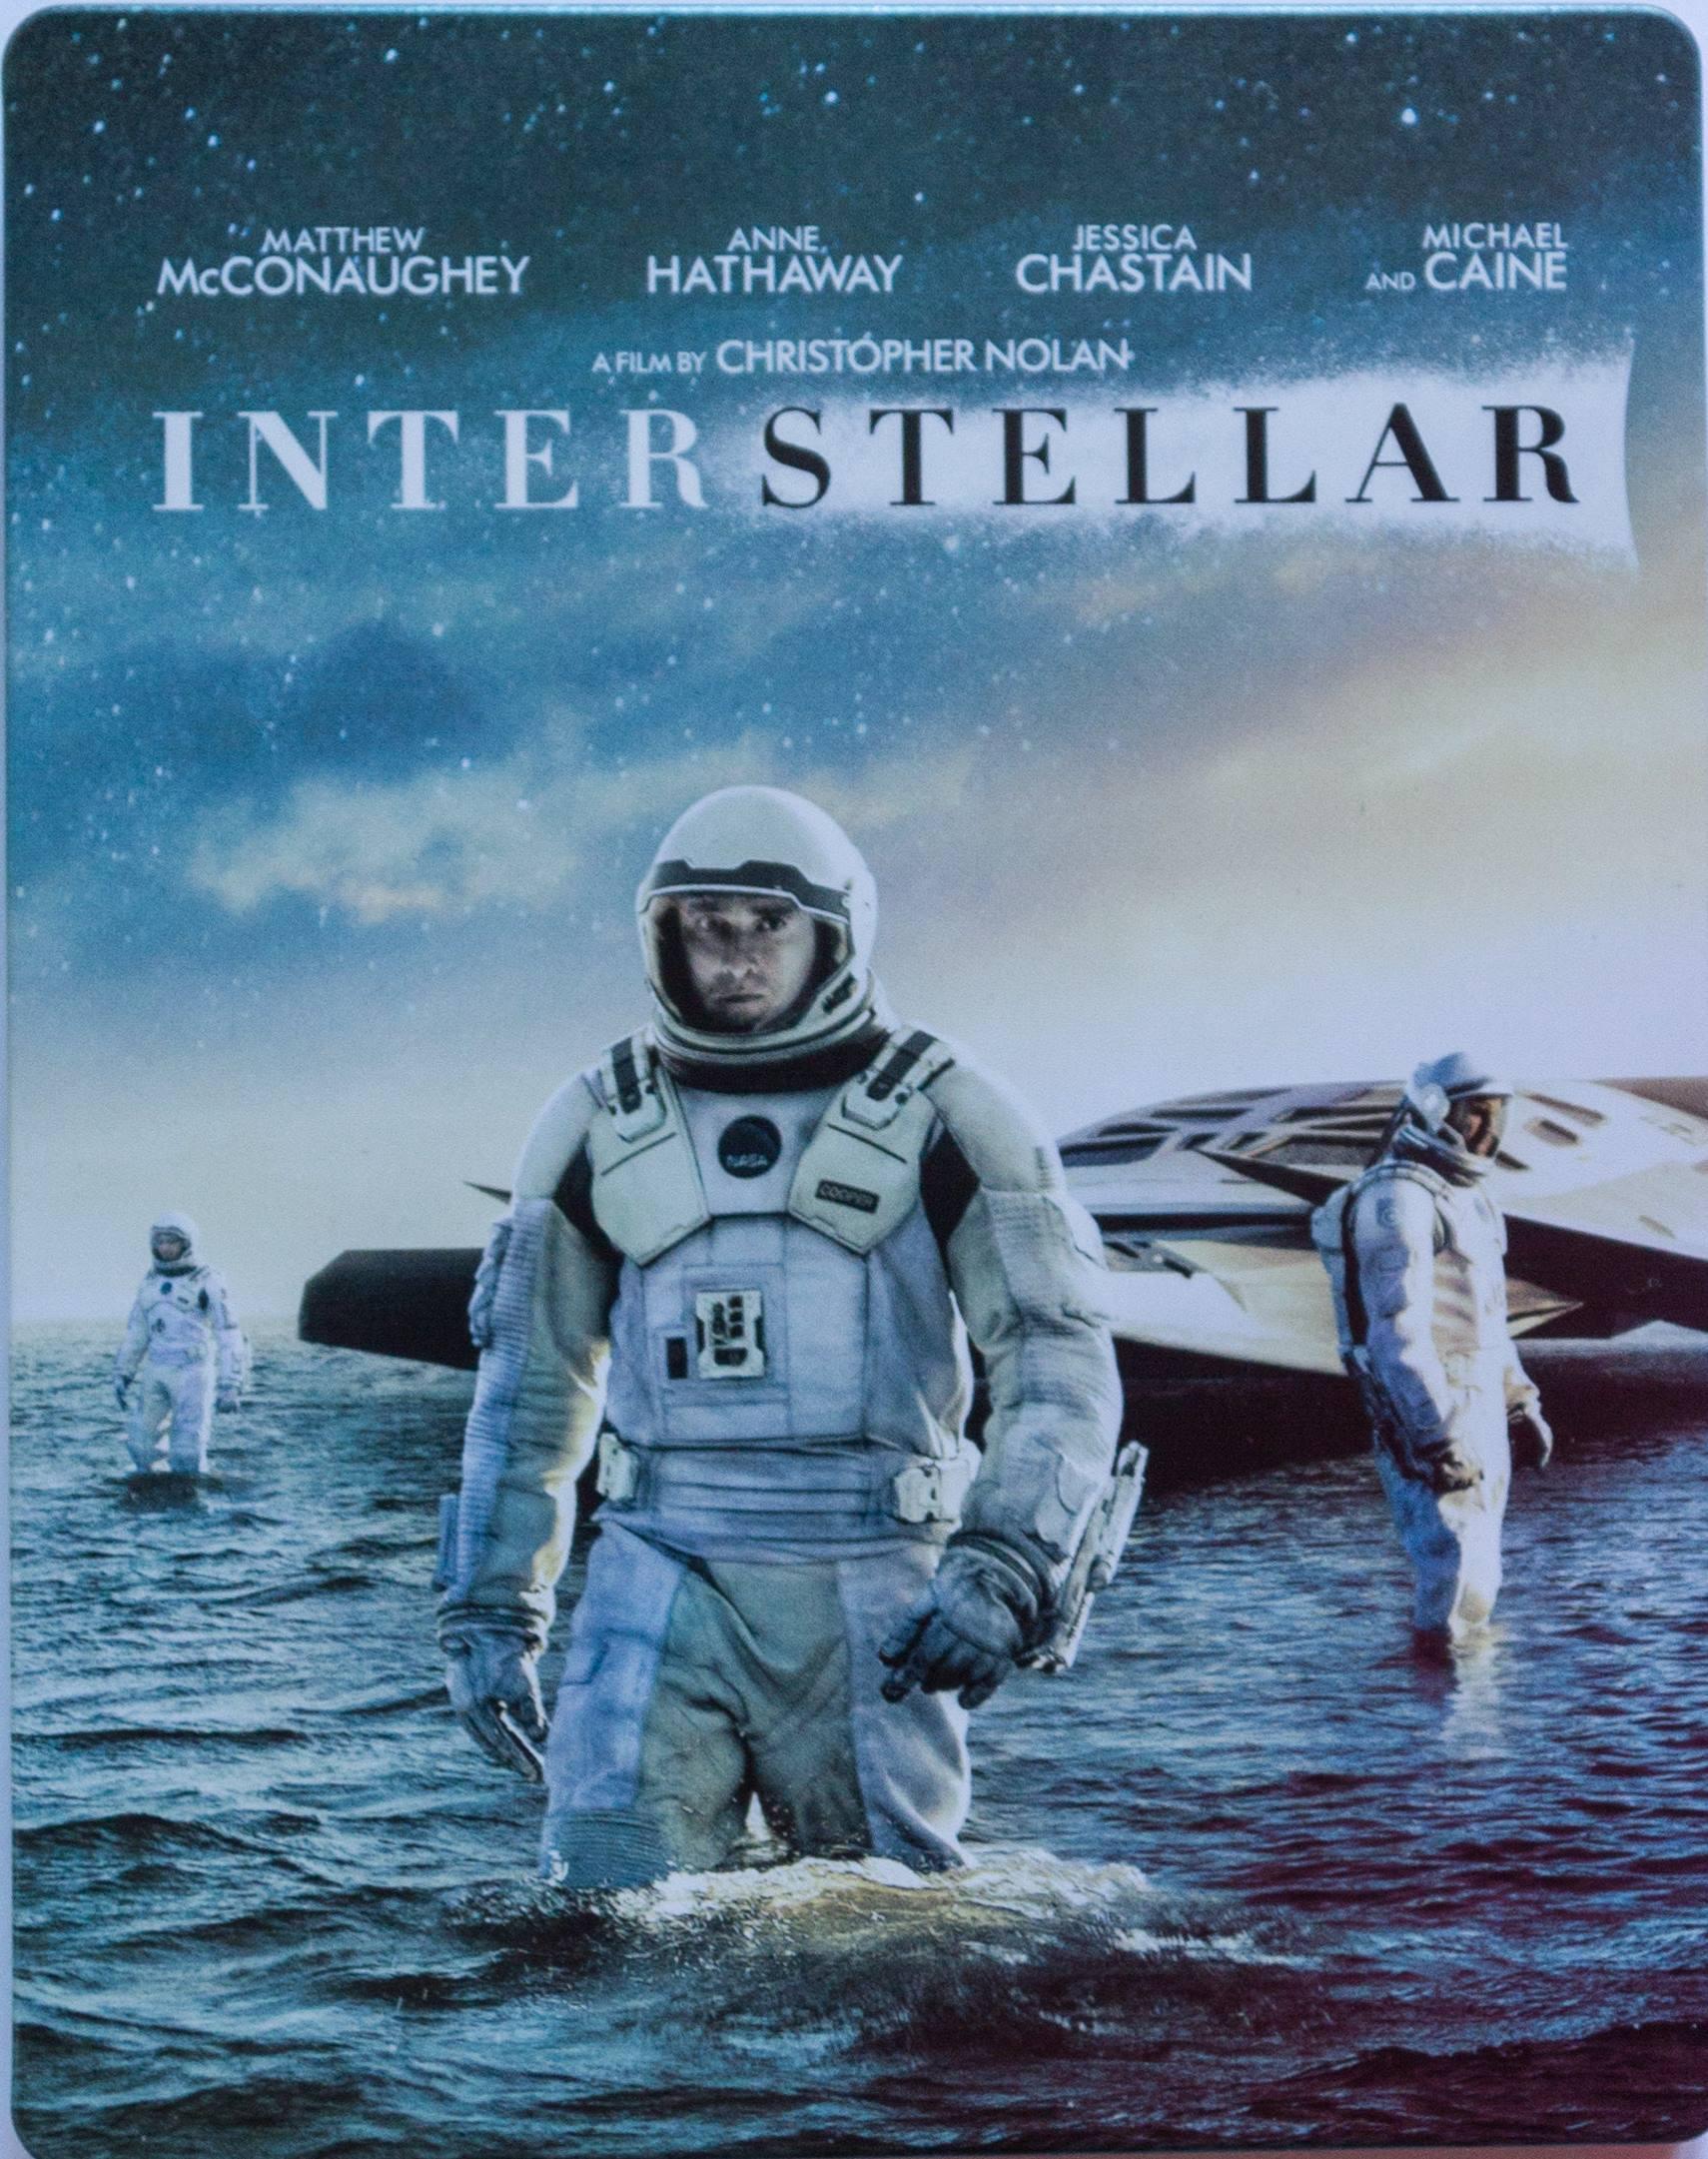 Interstellar Stellebook Front